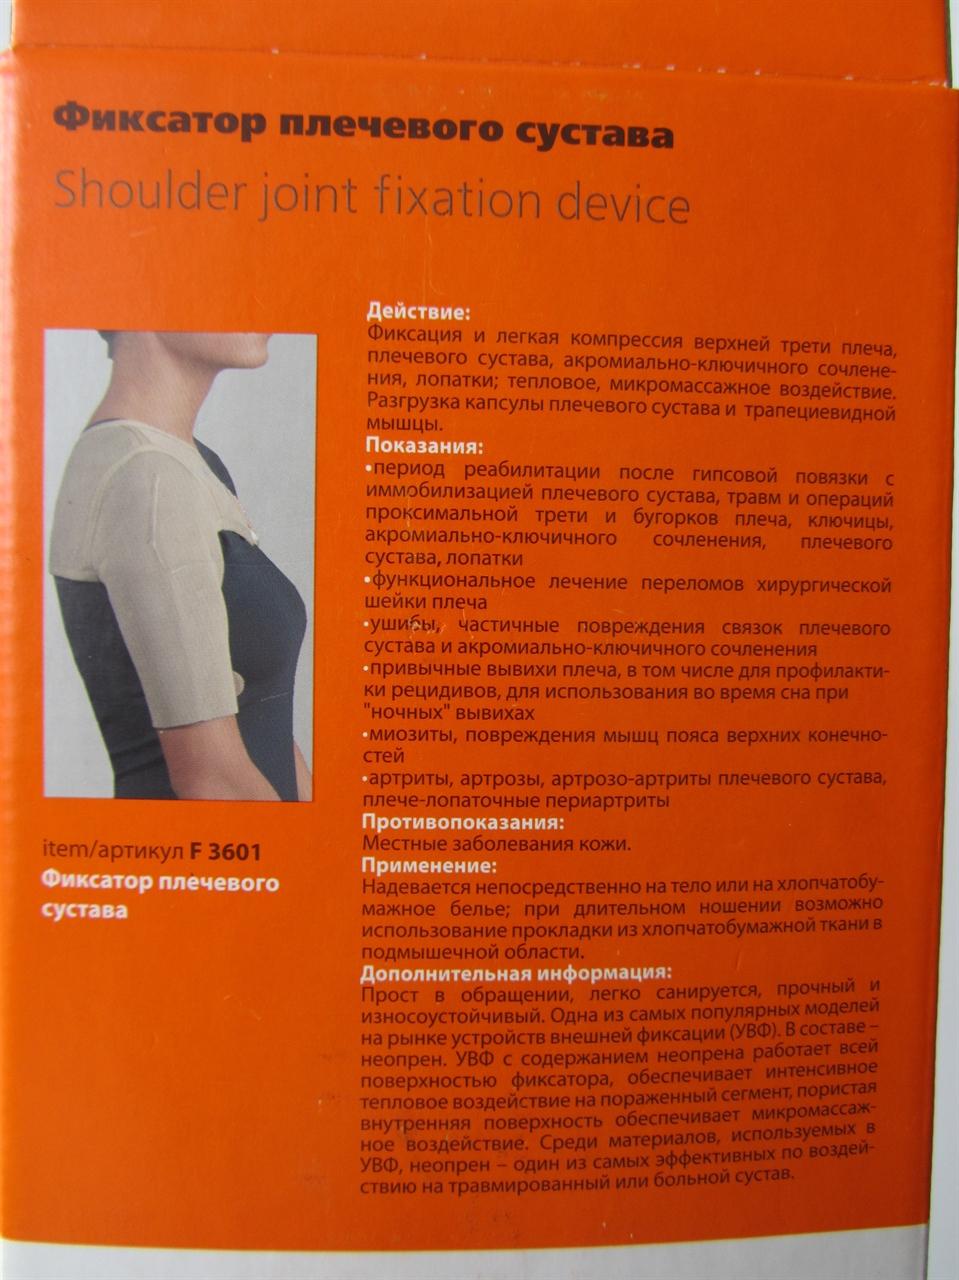 фиксатор травм плечевого сустава